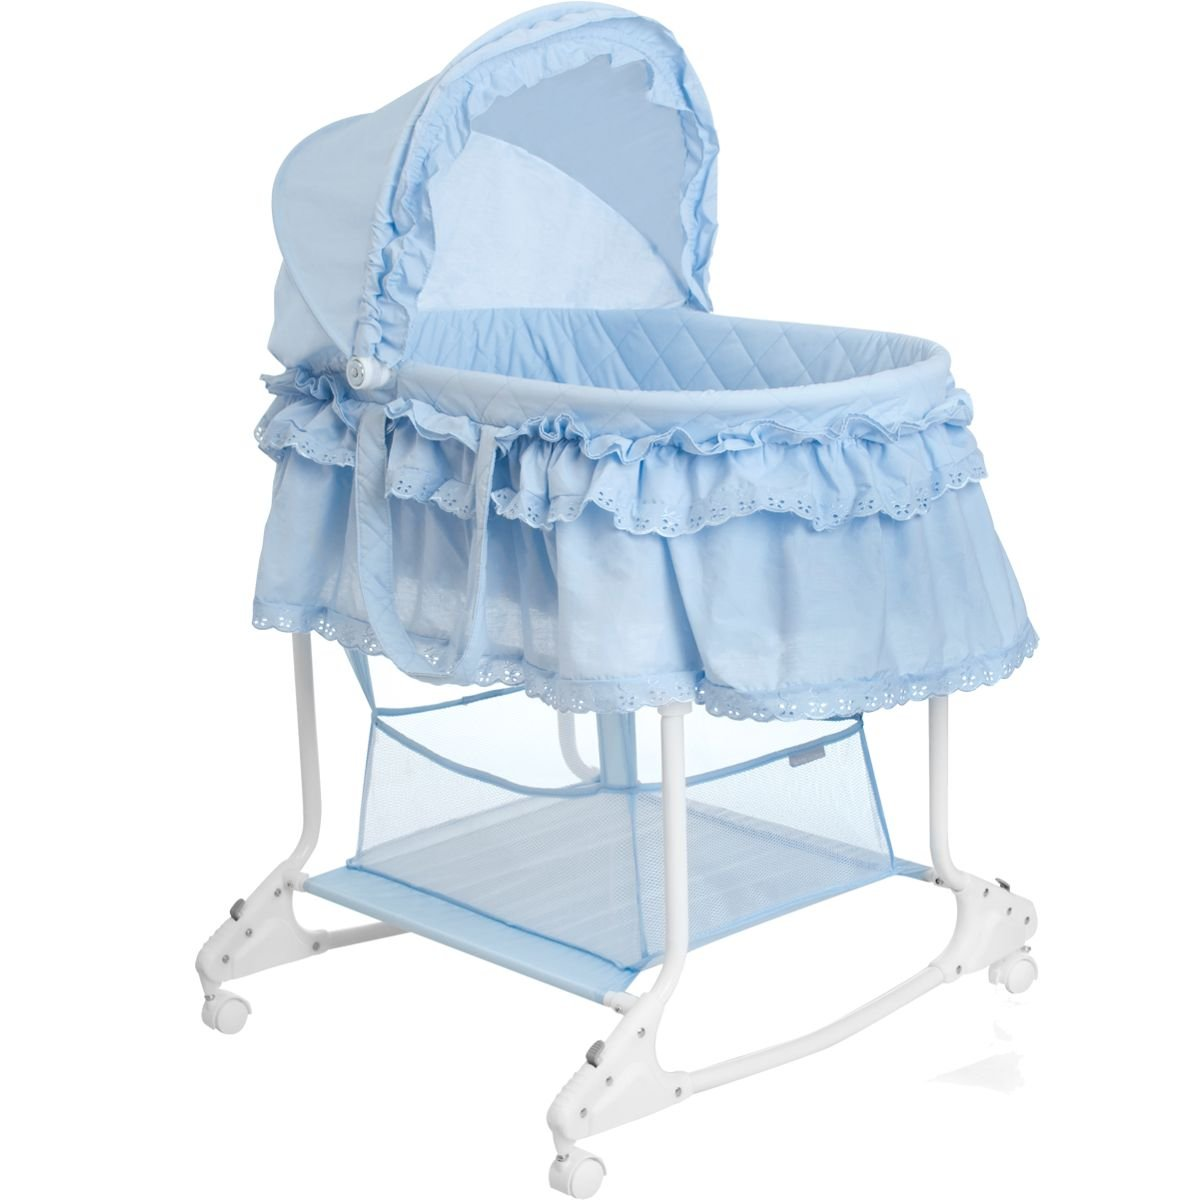 Hellblau Babywiege//Stubenwagen mit Schaukelfunktion Abnehmbarer Babykorb